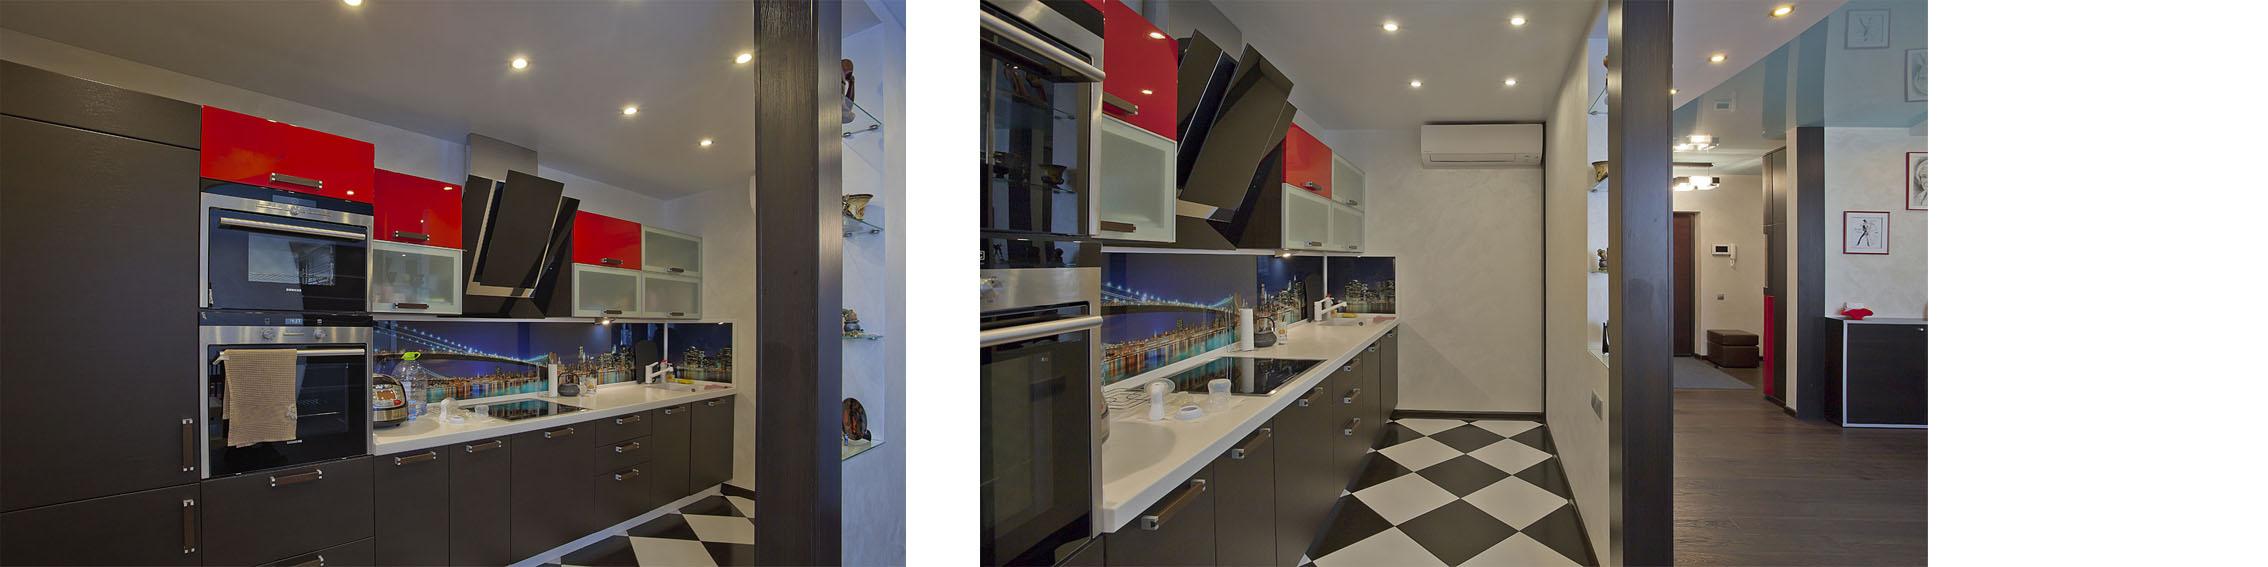 Кухня в современном стиле ч.2